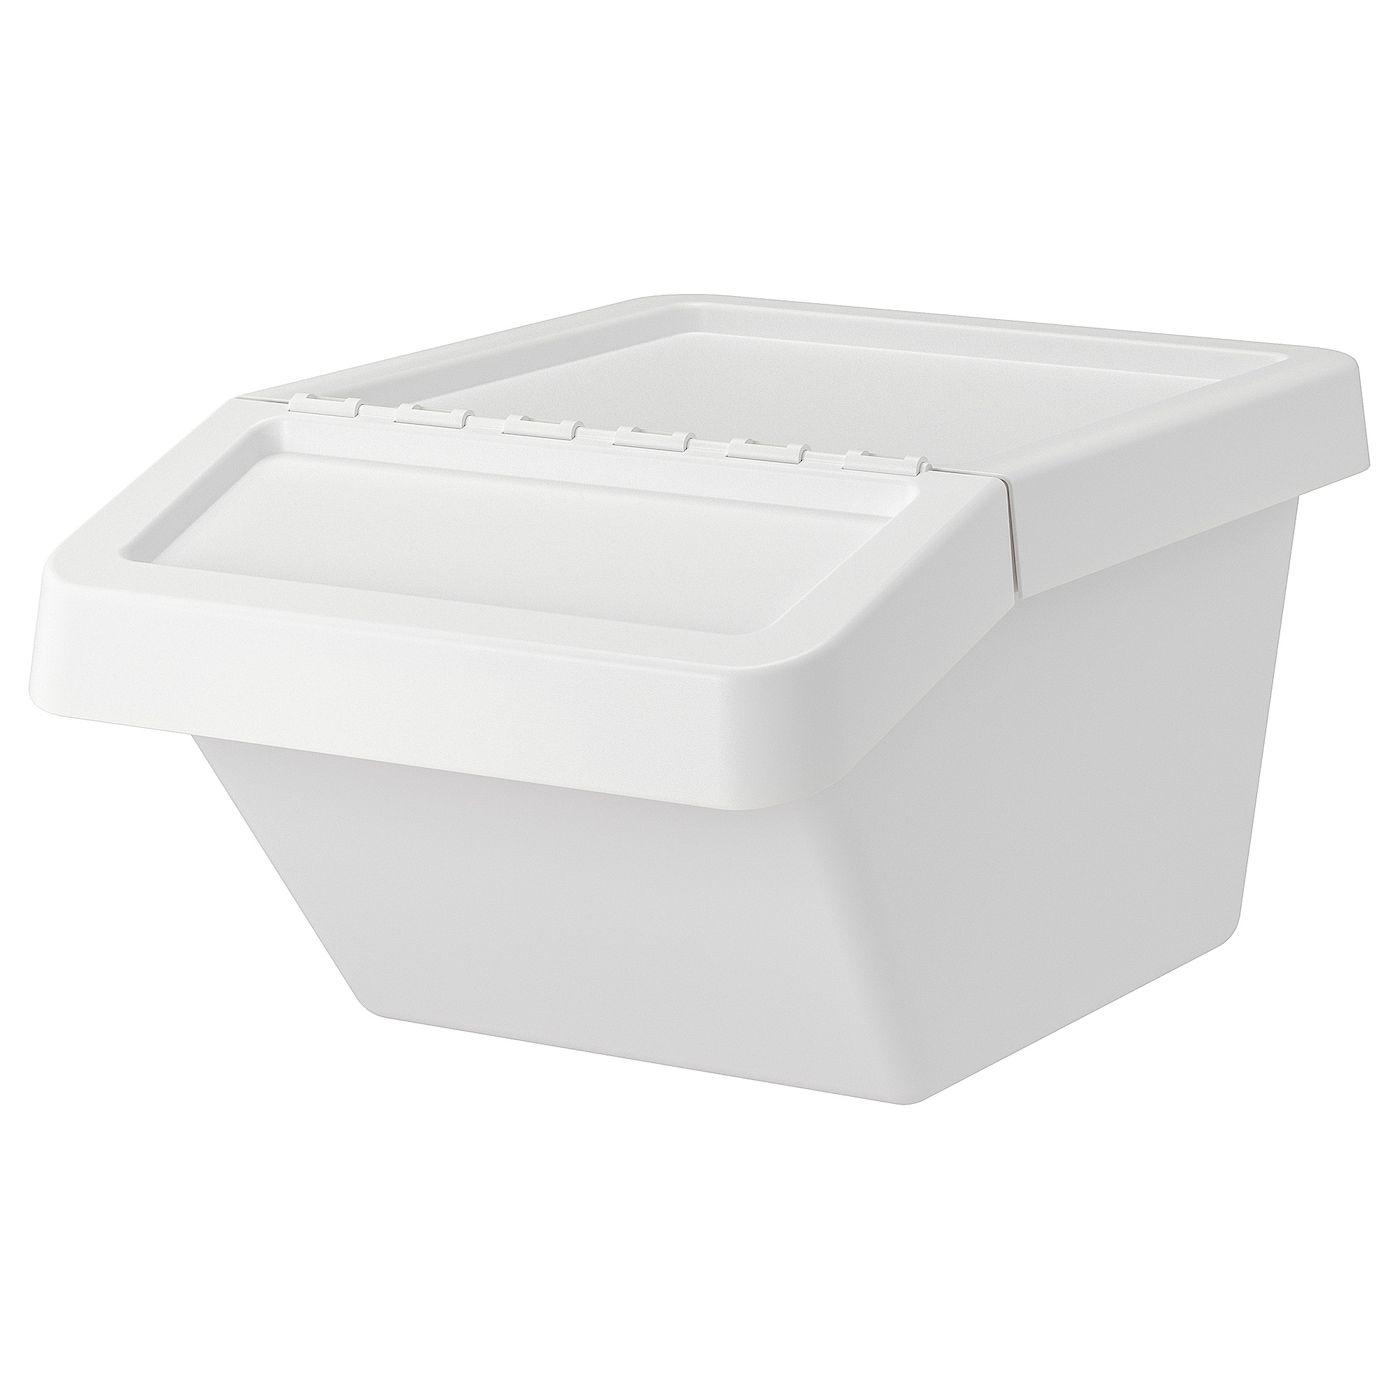 Sortera Conteneur Dechets Avec Couvercle Blanc 37 L En 2020 Bacs De Recyclage Conteneur Couvercle